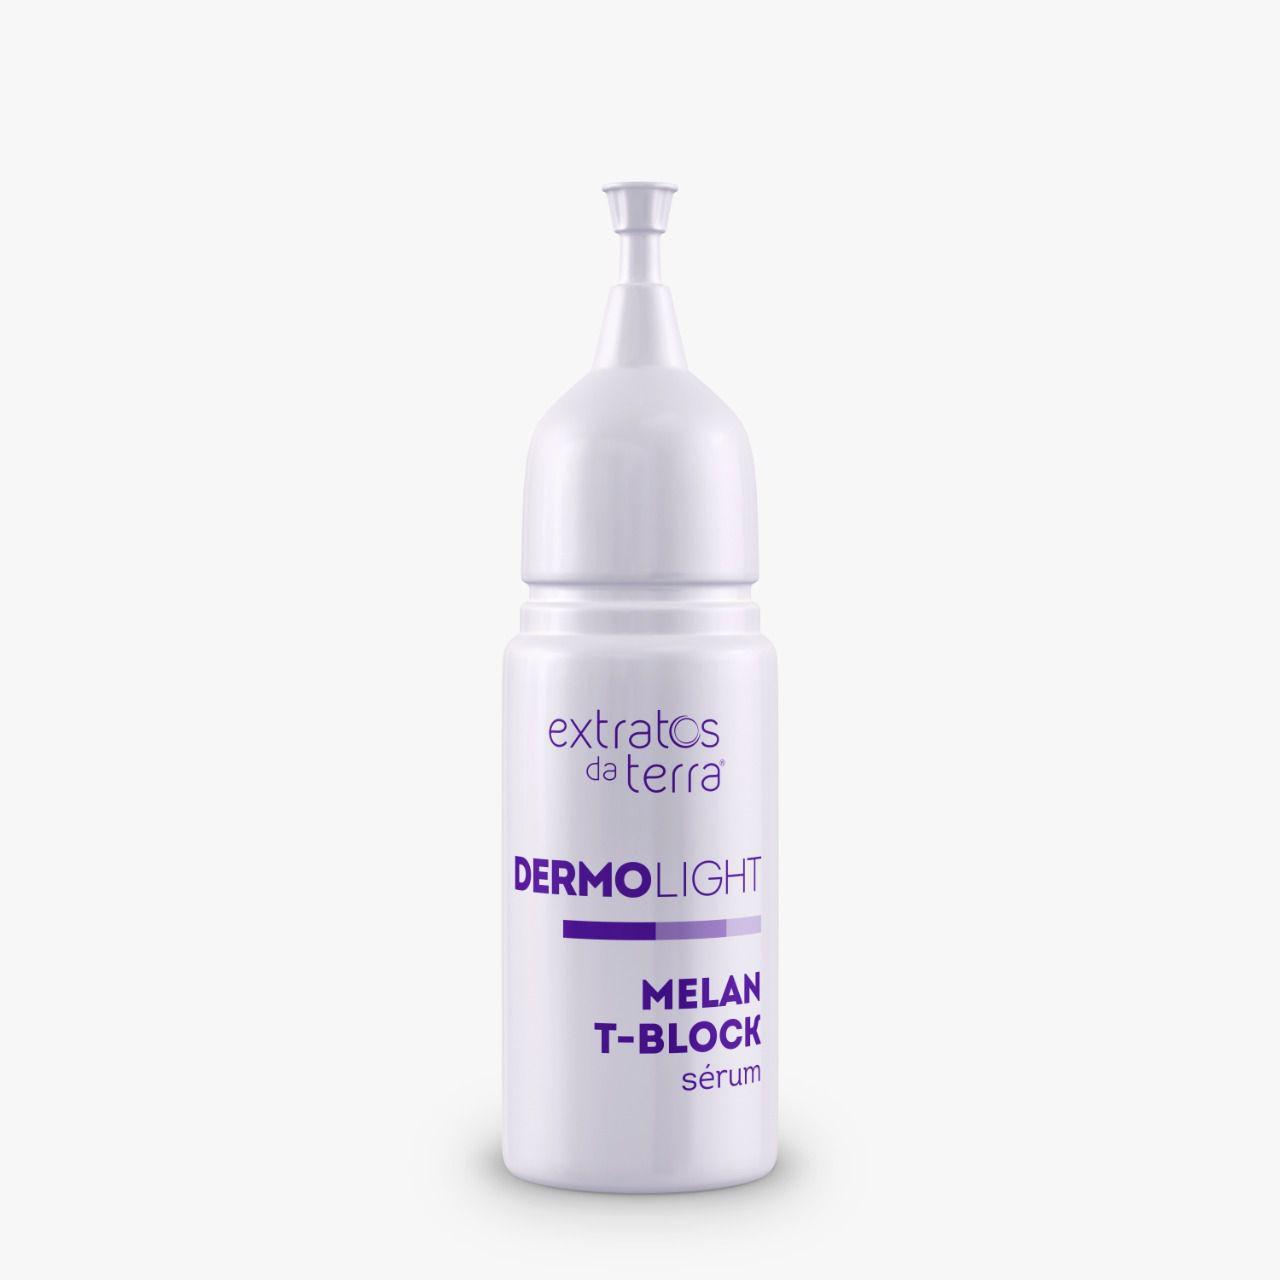 DERMOLIGHT AMPOLA MELAN T-BLOCK SÉRUM MICROAGULHAMENTO LINHA PROFISSIONAL 6ML (PROFISSIONAL TEM DESCONTO! ENTRAR EM CONTATO 85 985305205)  - Misstética